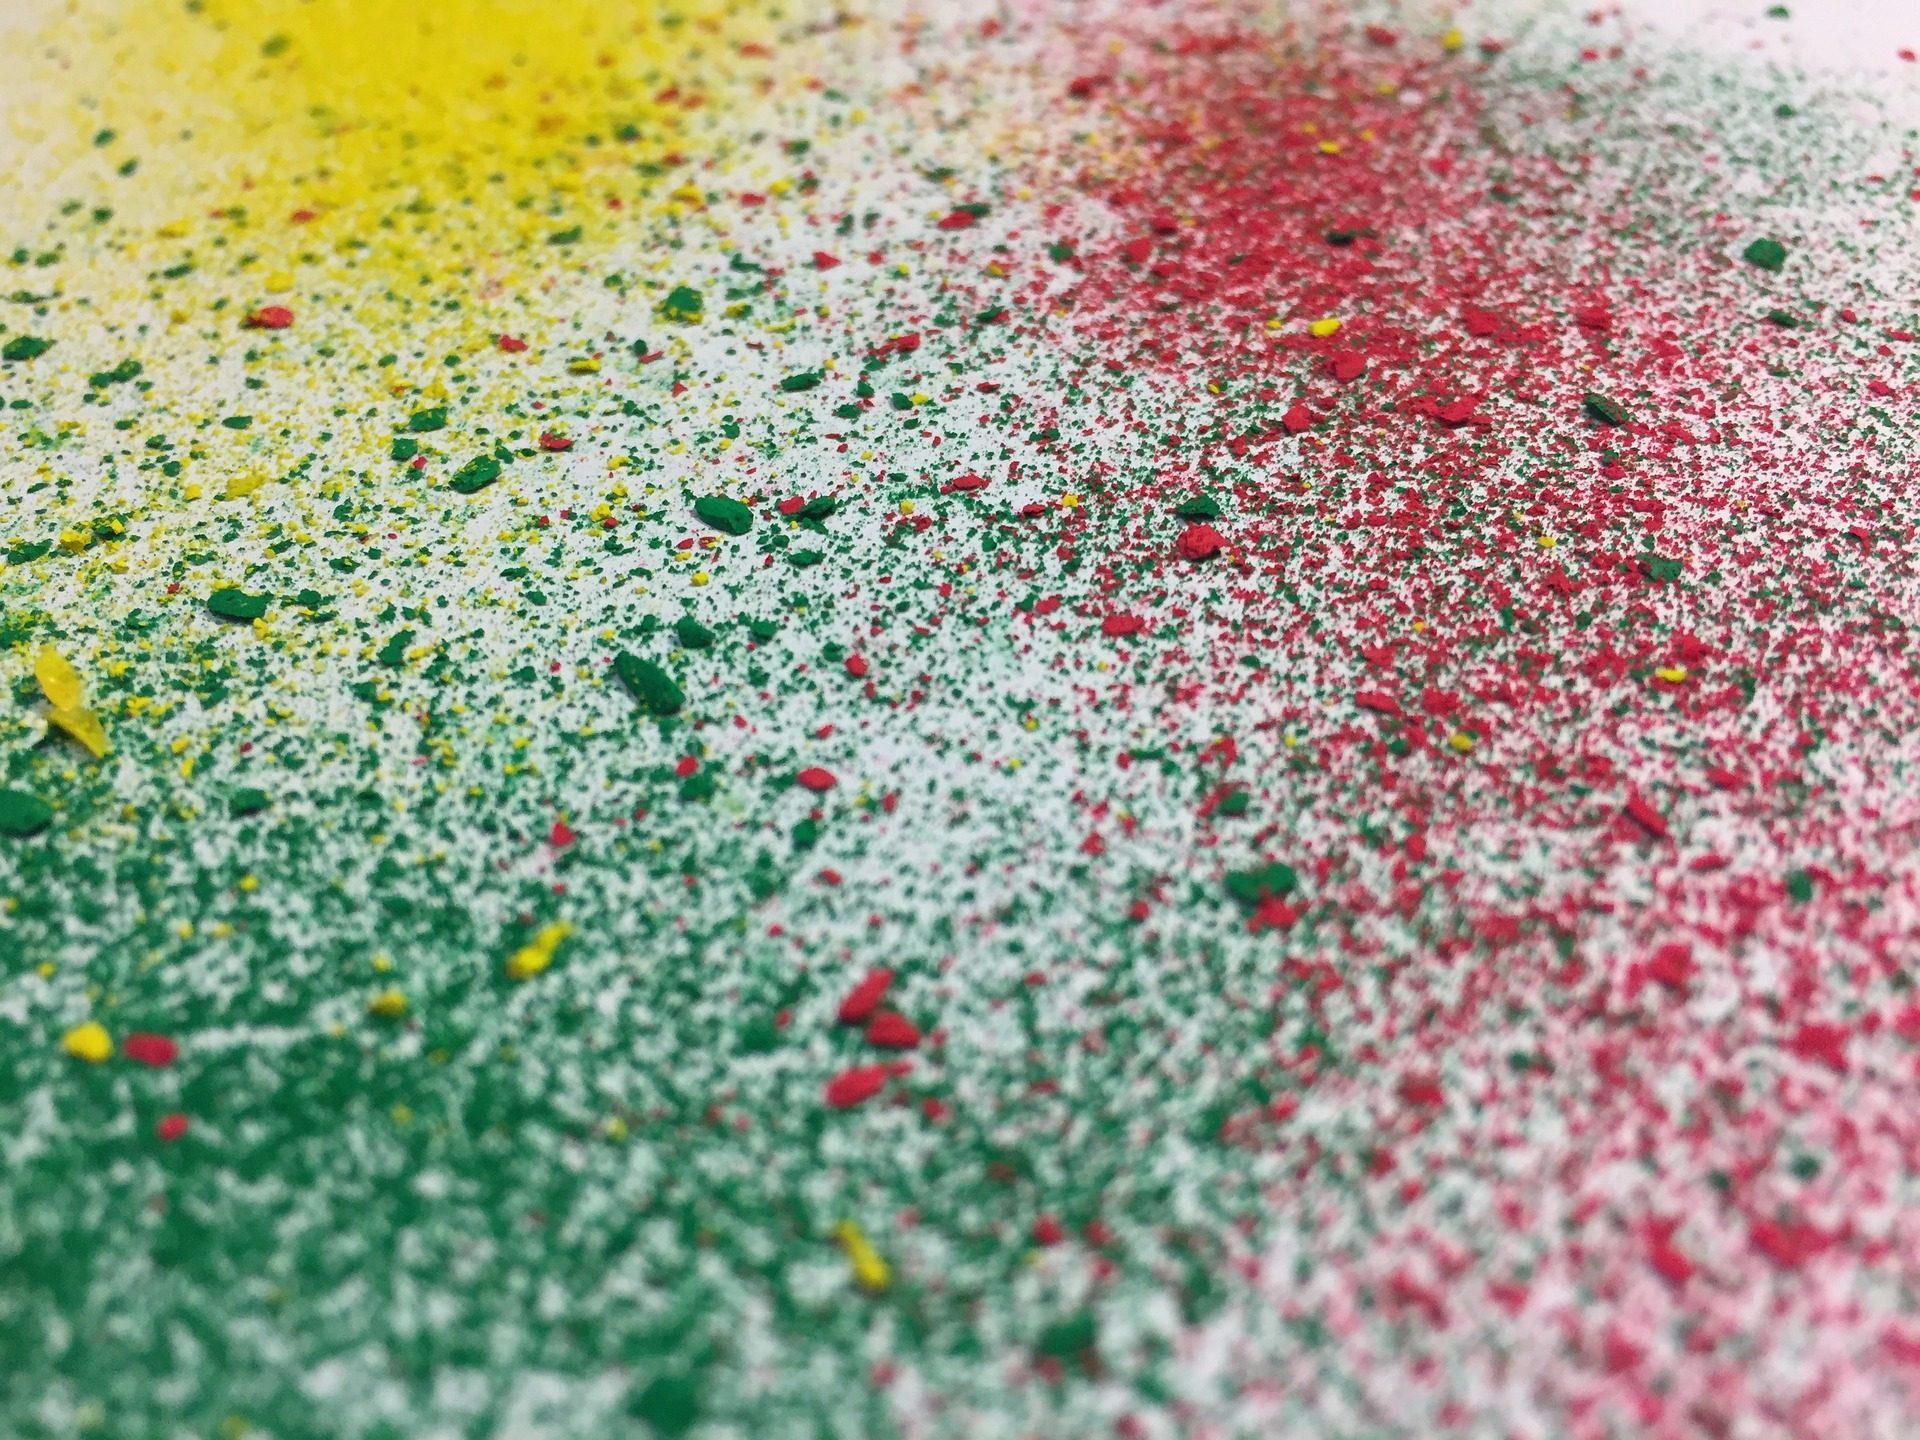 Farben, Tipps, Wachse, Stücke, Chips, bunte - Wallpaper HD - Prof.-falken.com